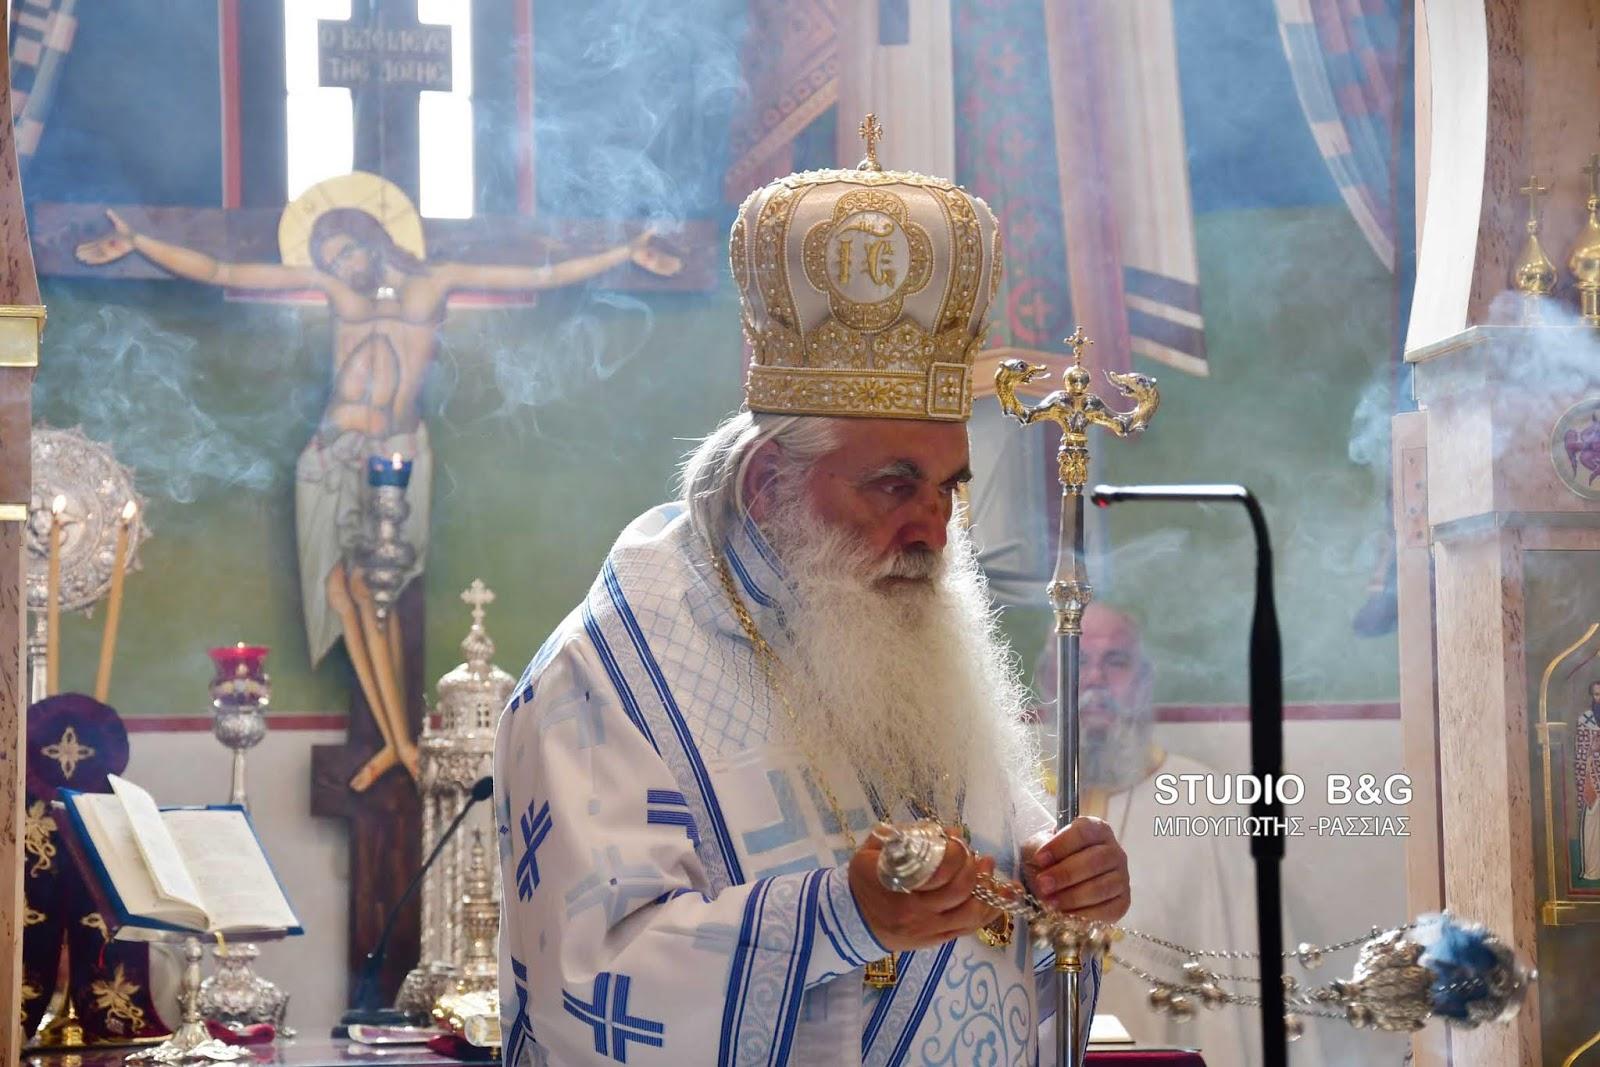 Αρχιερατική Θεία Λειτουργία στο Μητροπολιτικό παρεκκλήσιο του Αγίου Λουκά του Ιατρού